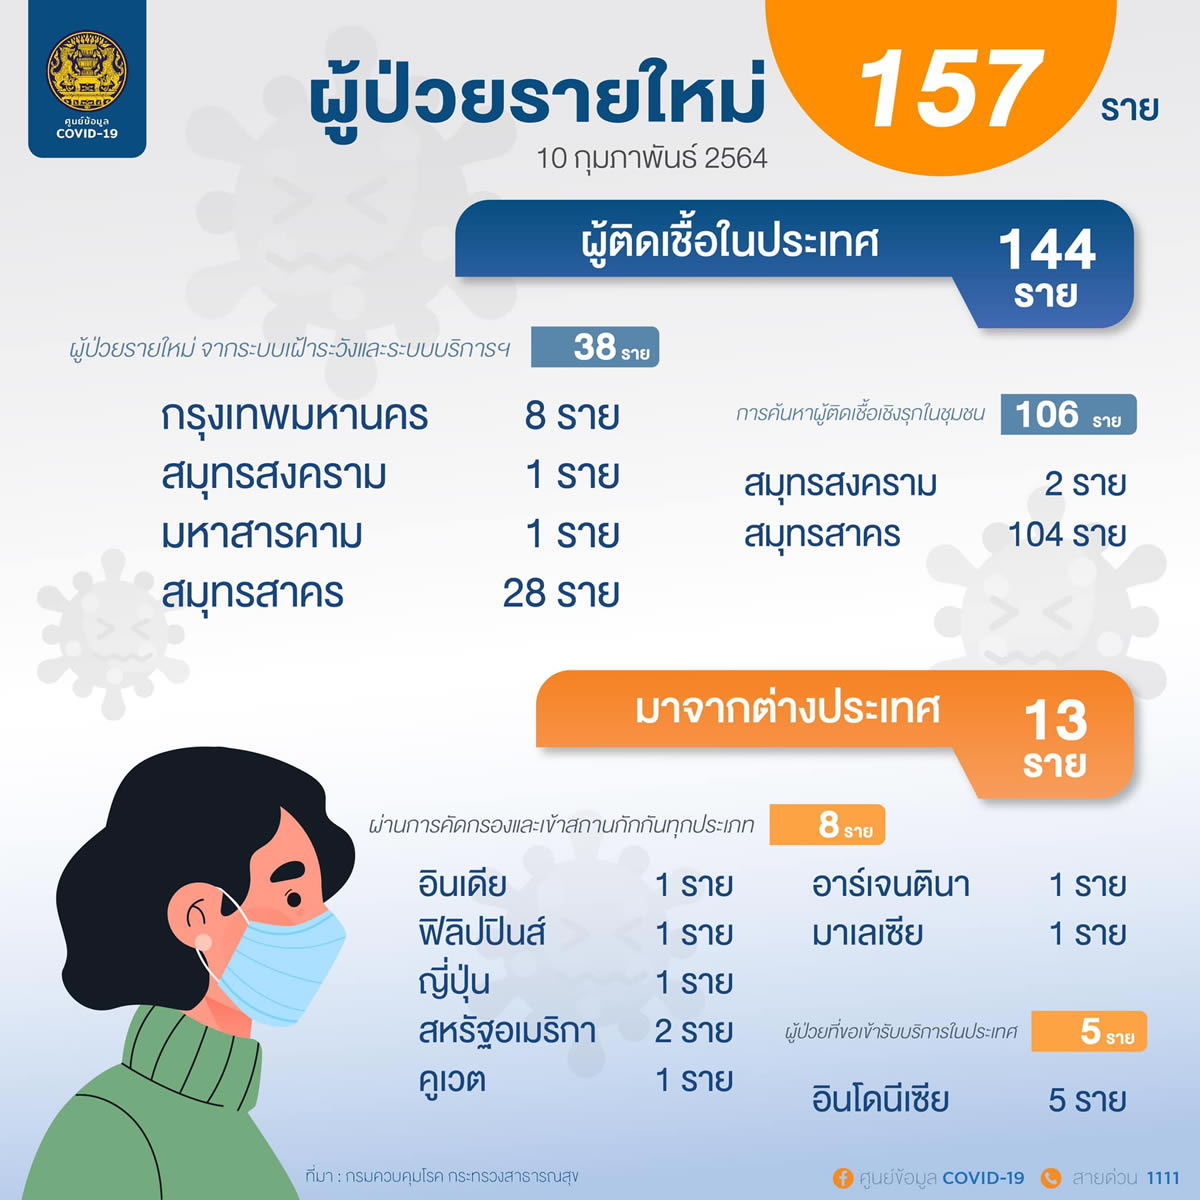 タイ:新規のタイ国内感染は144人、日本から入国の日本人男性も陽性